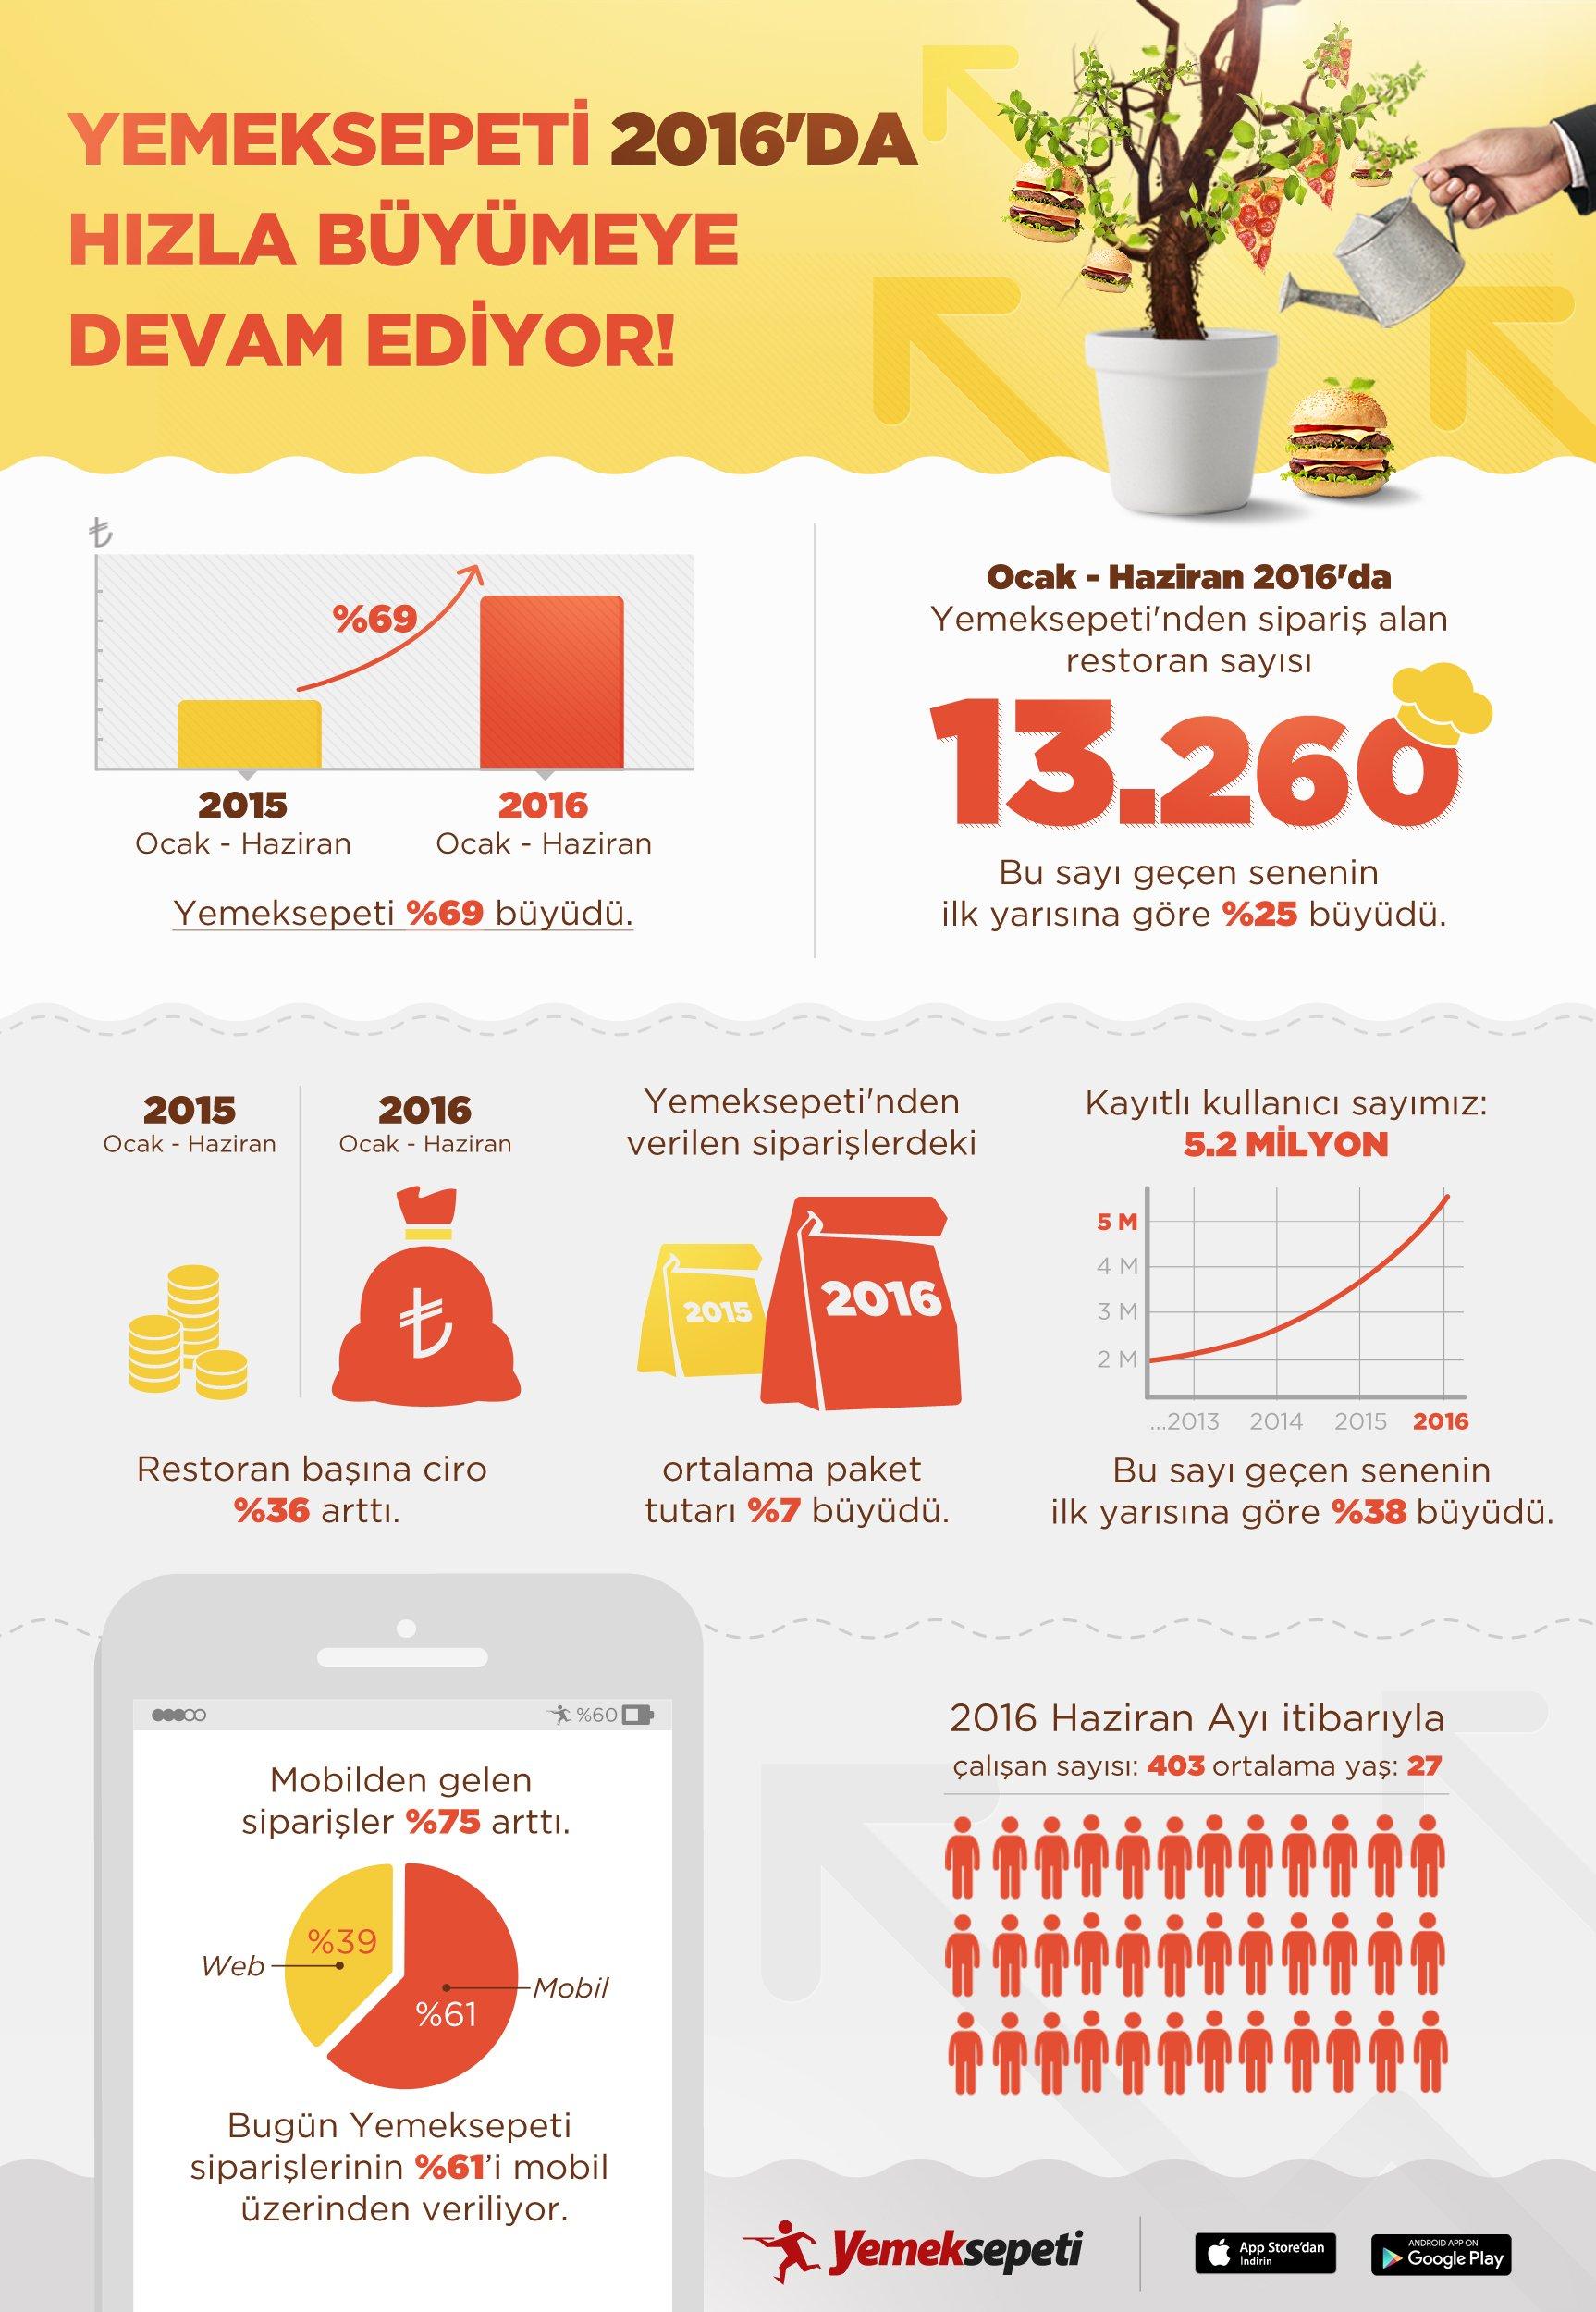 5.2 milyon kullanıcıya ulaşan Yemeksepeti, son bir yılda yüzde 69 büyüdü